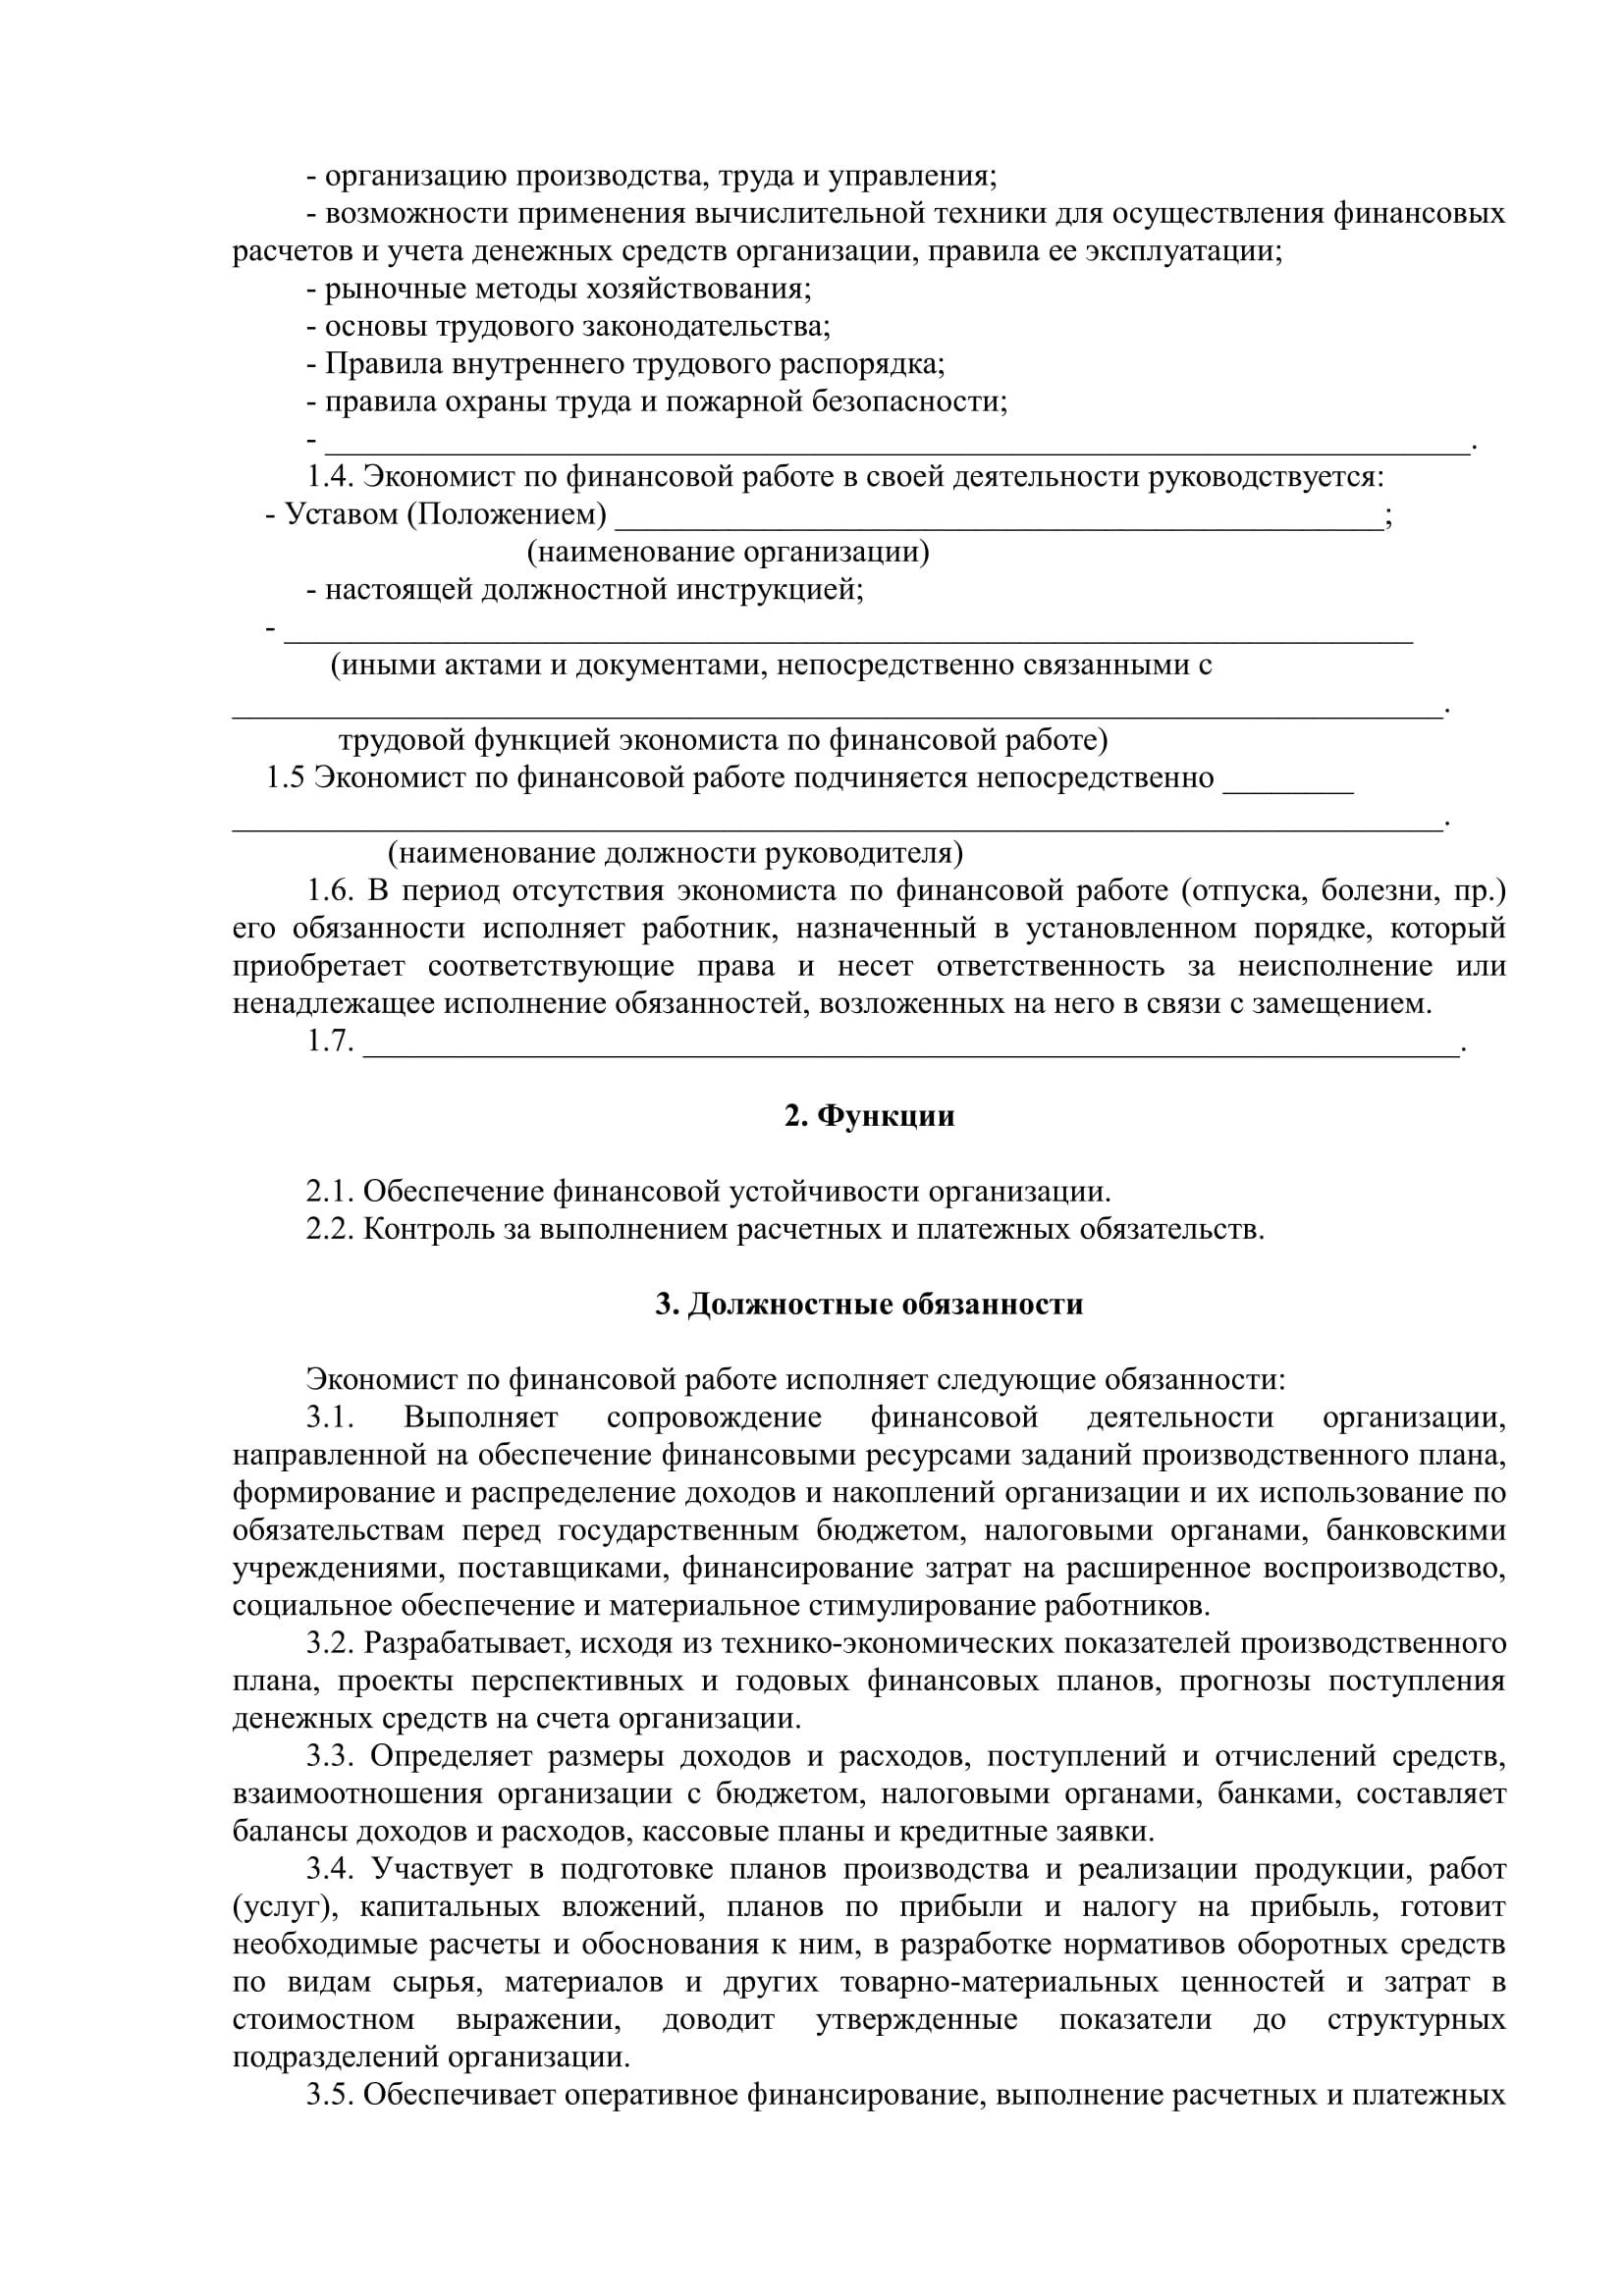 инструкции по охране труда для экономиста 2017